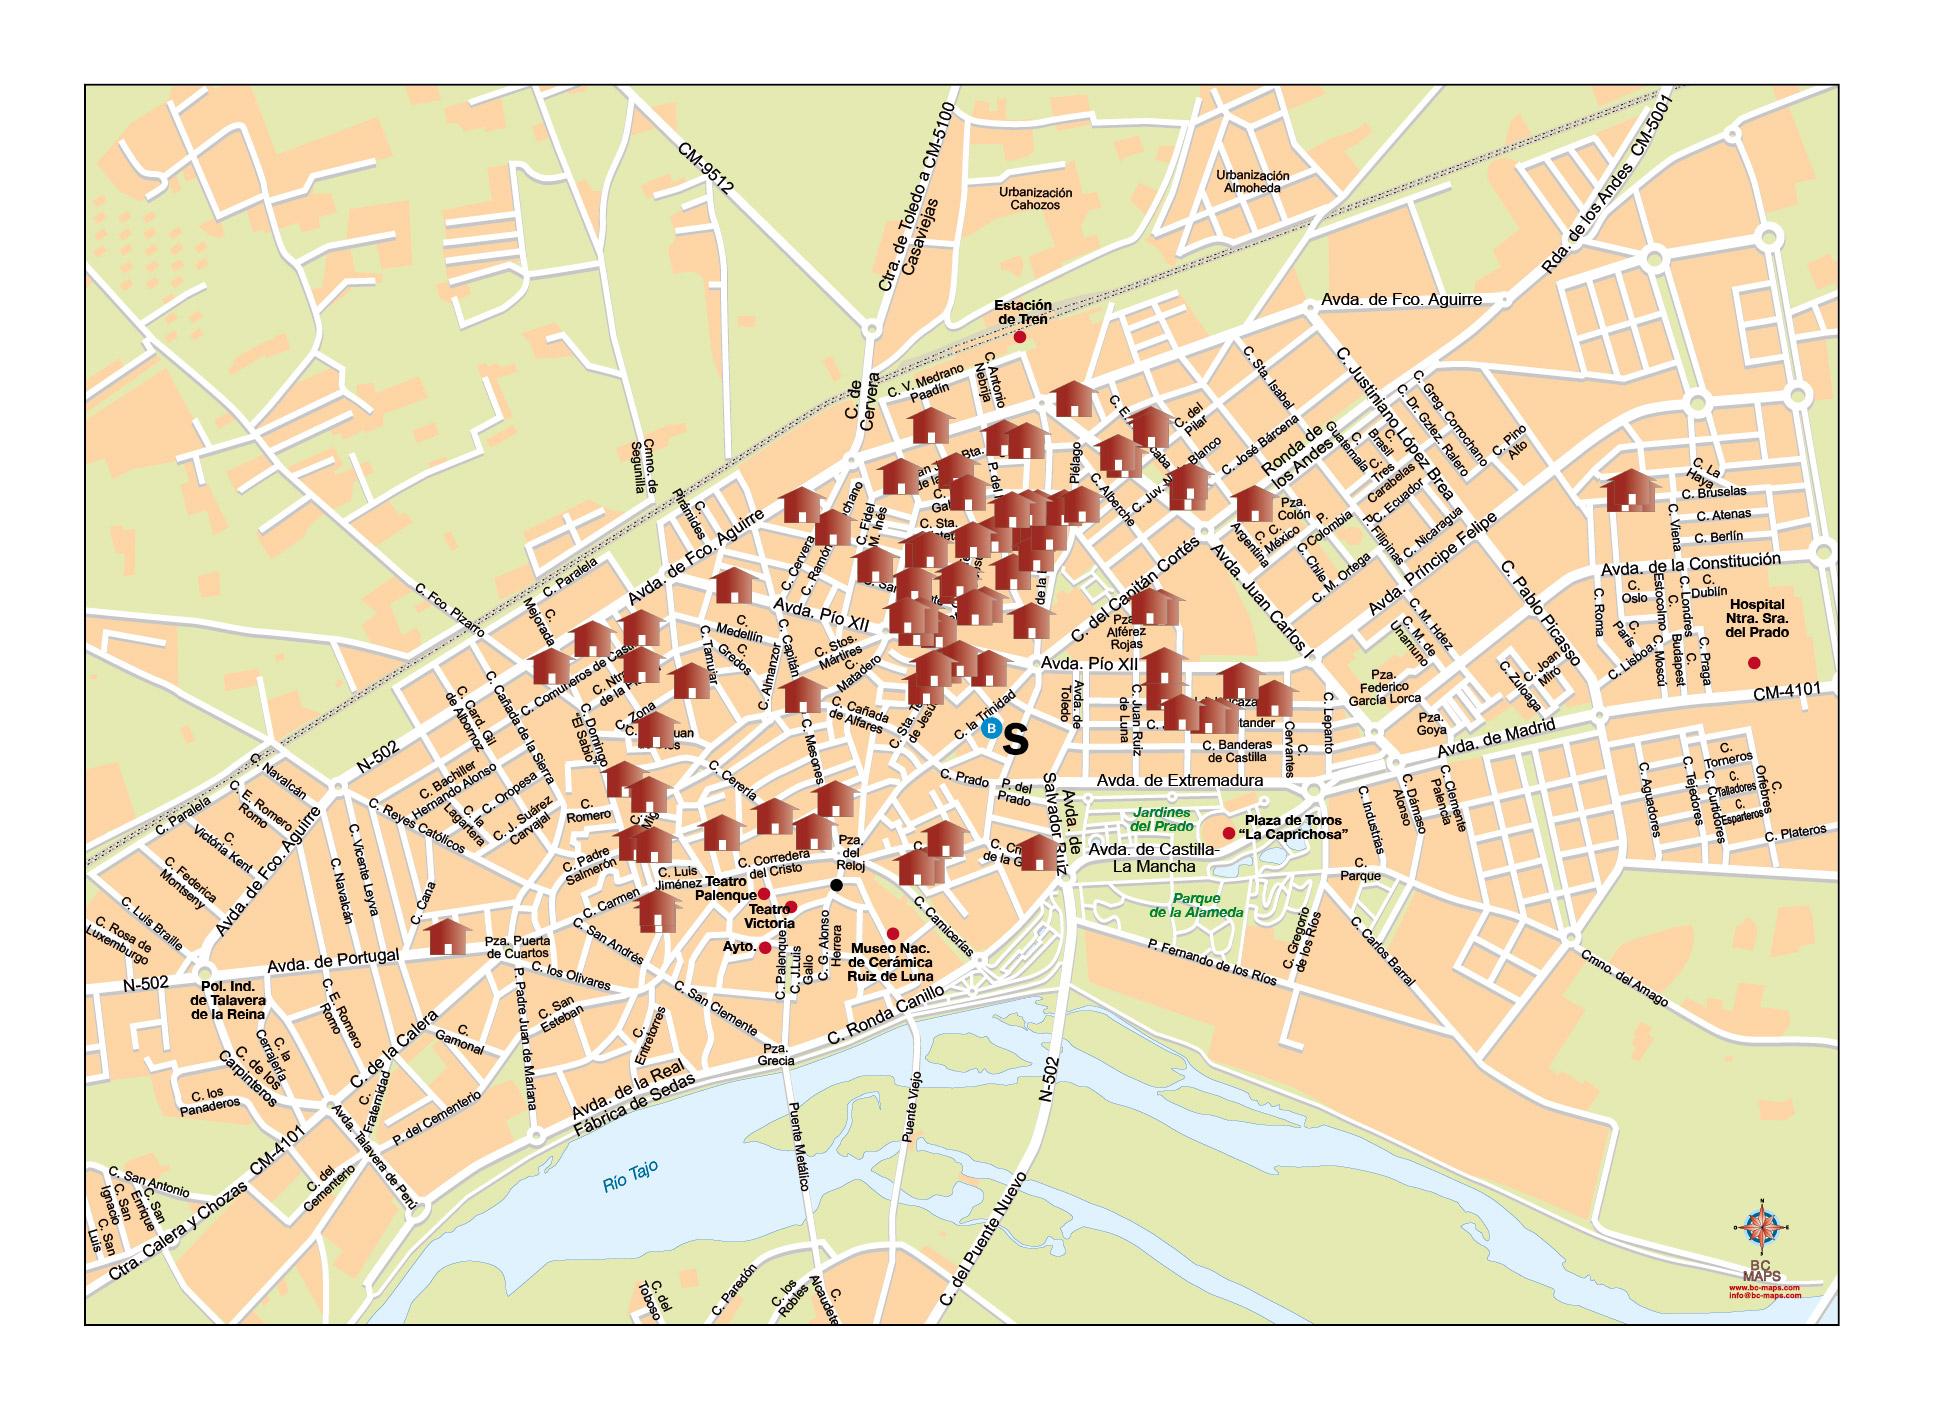 Mapa Talavera Dela Reina.Mapa Vectorial Illustrator Eps Talavera De La Reina Toledo